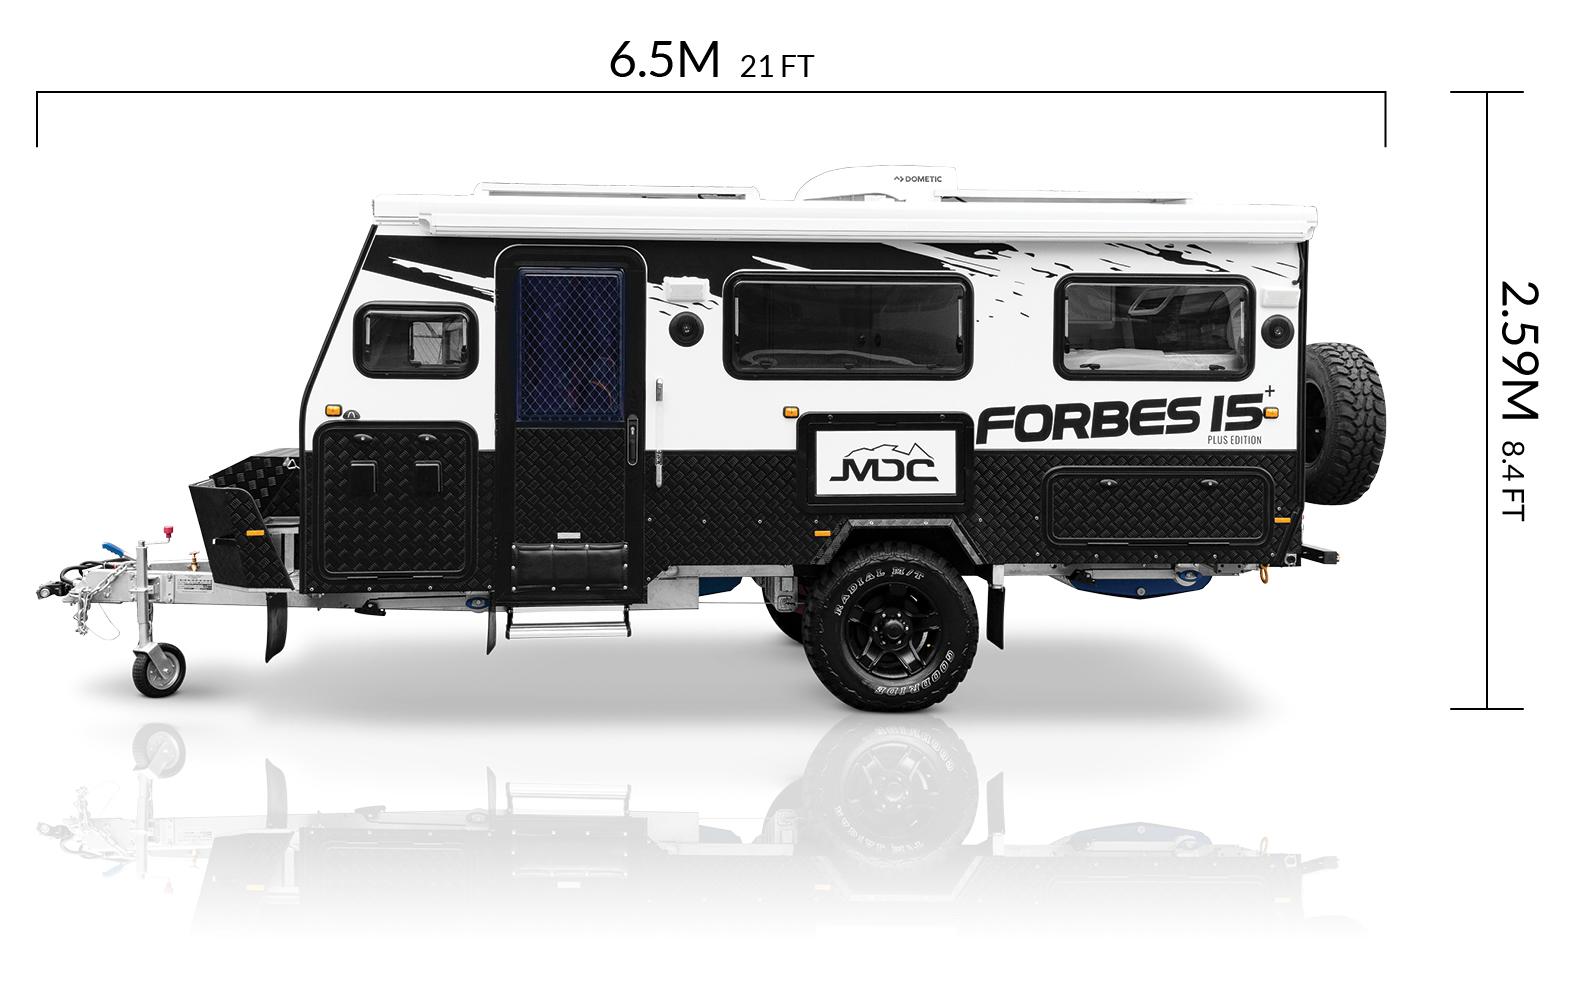 mdc au forbes15 plus offroad caravan dimensions